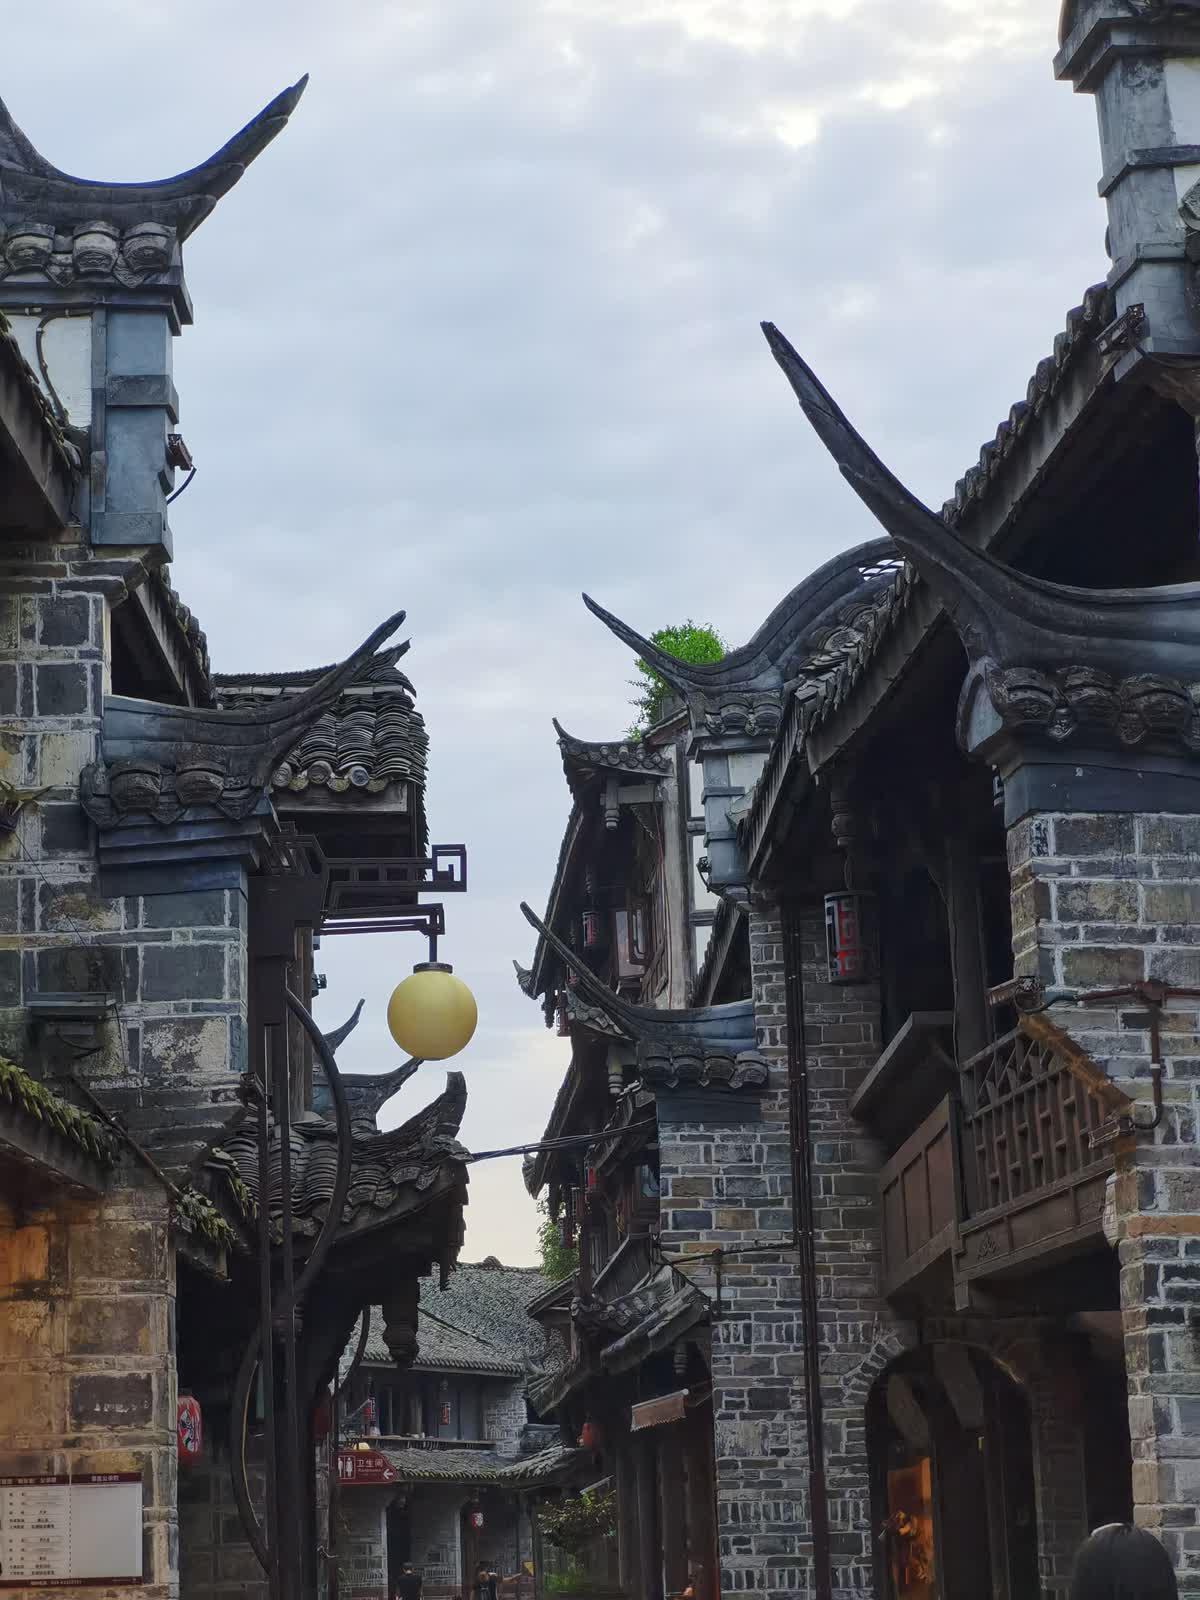 建筑,日晷,寺庙,黄龙溪古镇,黄龙溪,古镇,古建筑